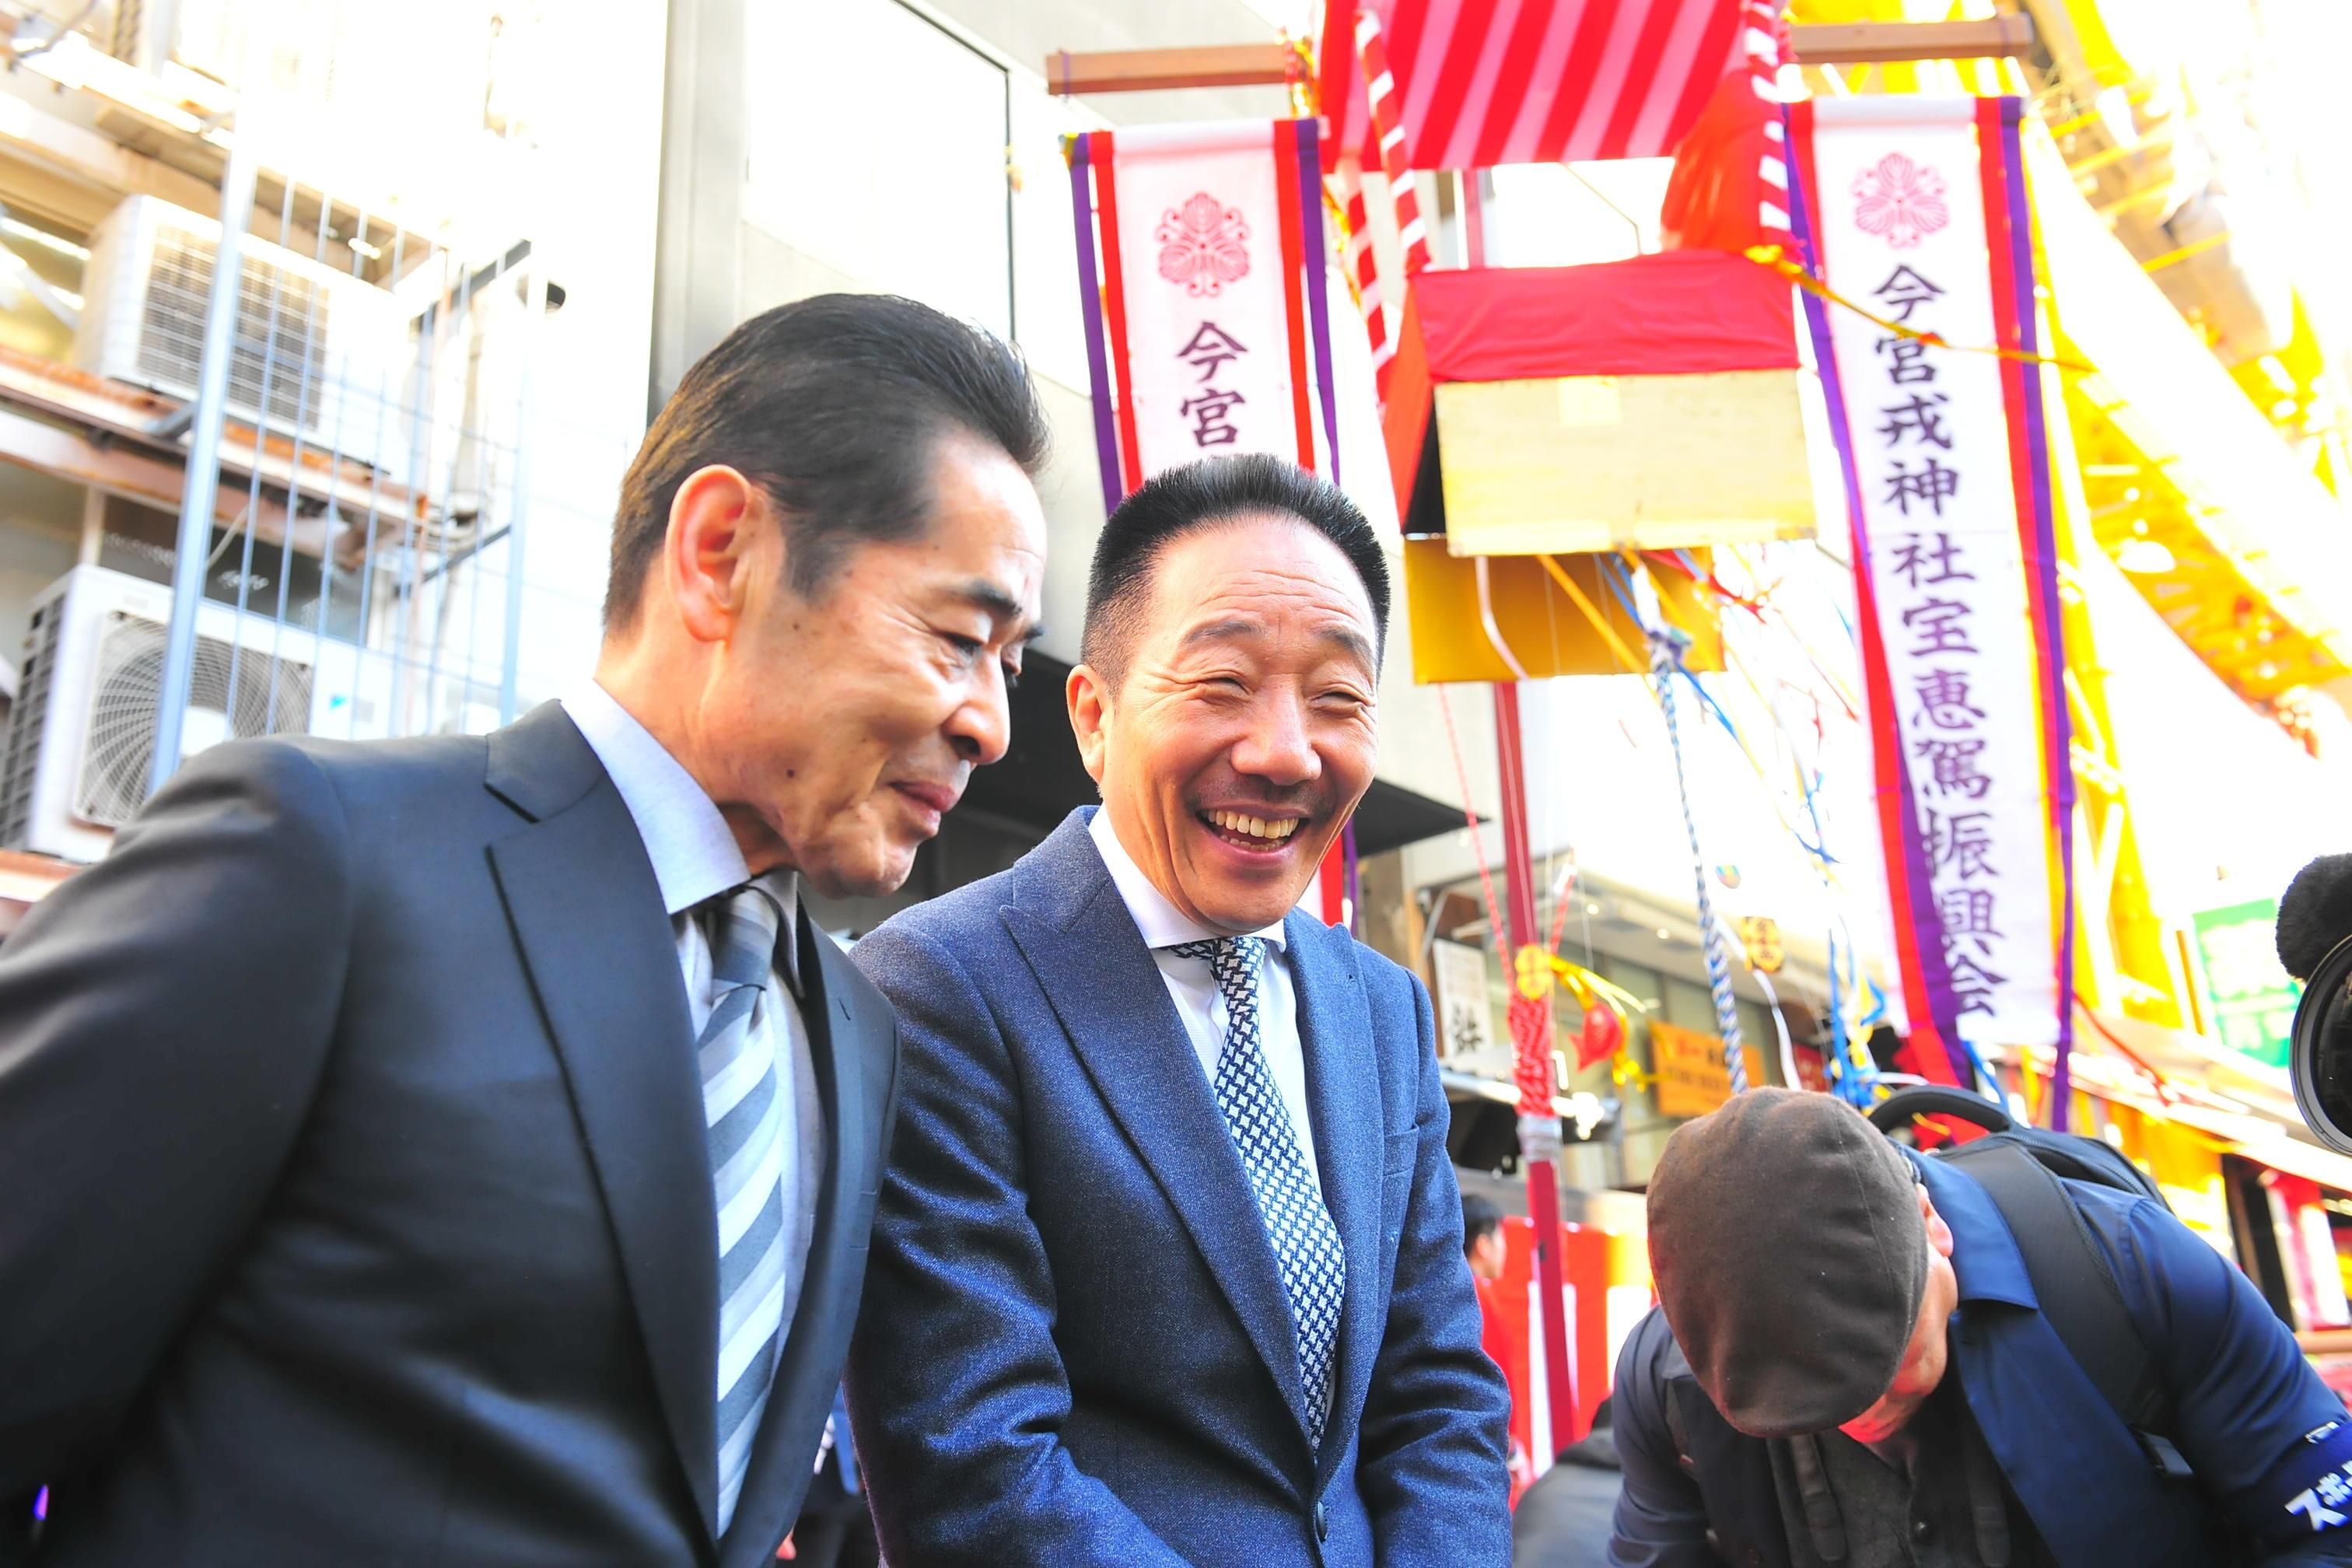 http://news.yoshimoto.co.jp/20170110171109-d8f64144499ebffb653fc6c825a3319b3134dc8f.jpg